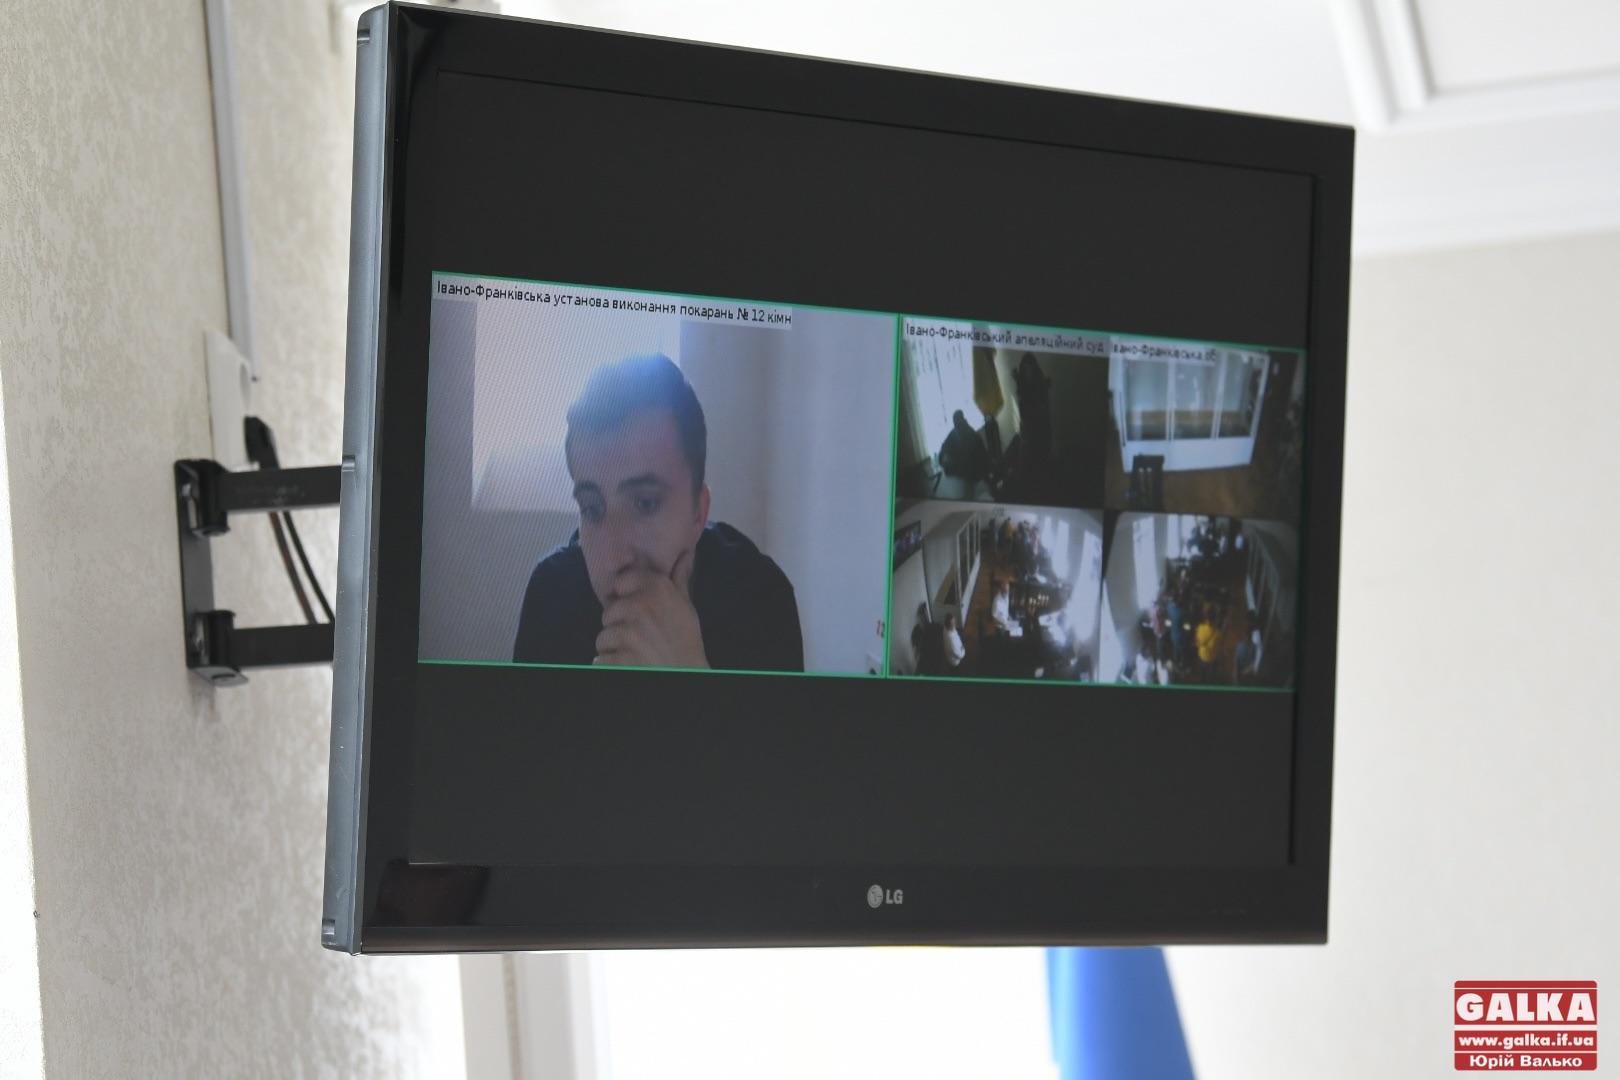 Розкаюється: чоловік, який у Яремче на смерть збив мотоциклістку, відкликав апеляцію на своє затримання (ФОТО)